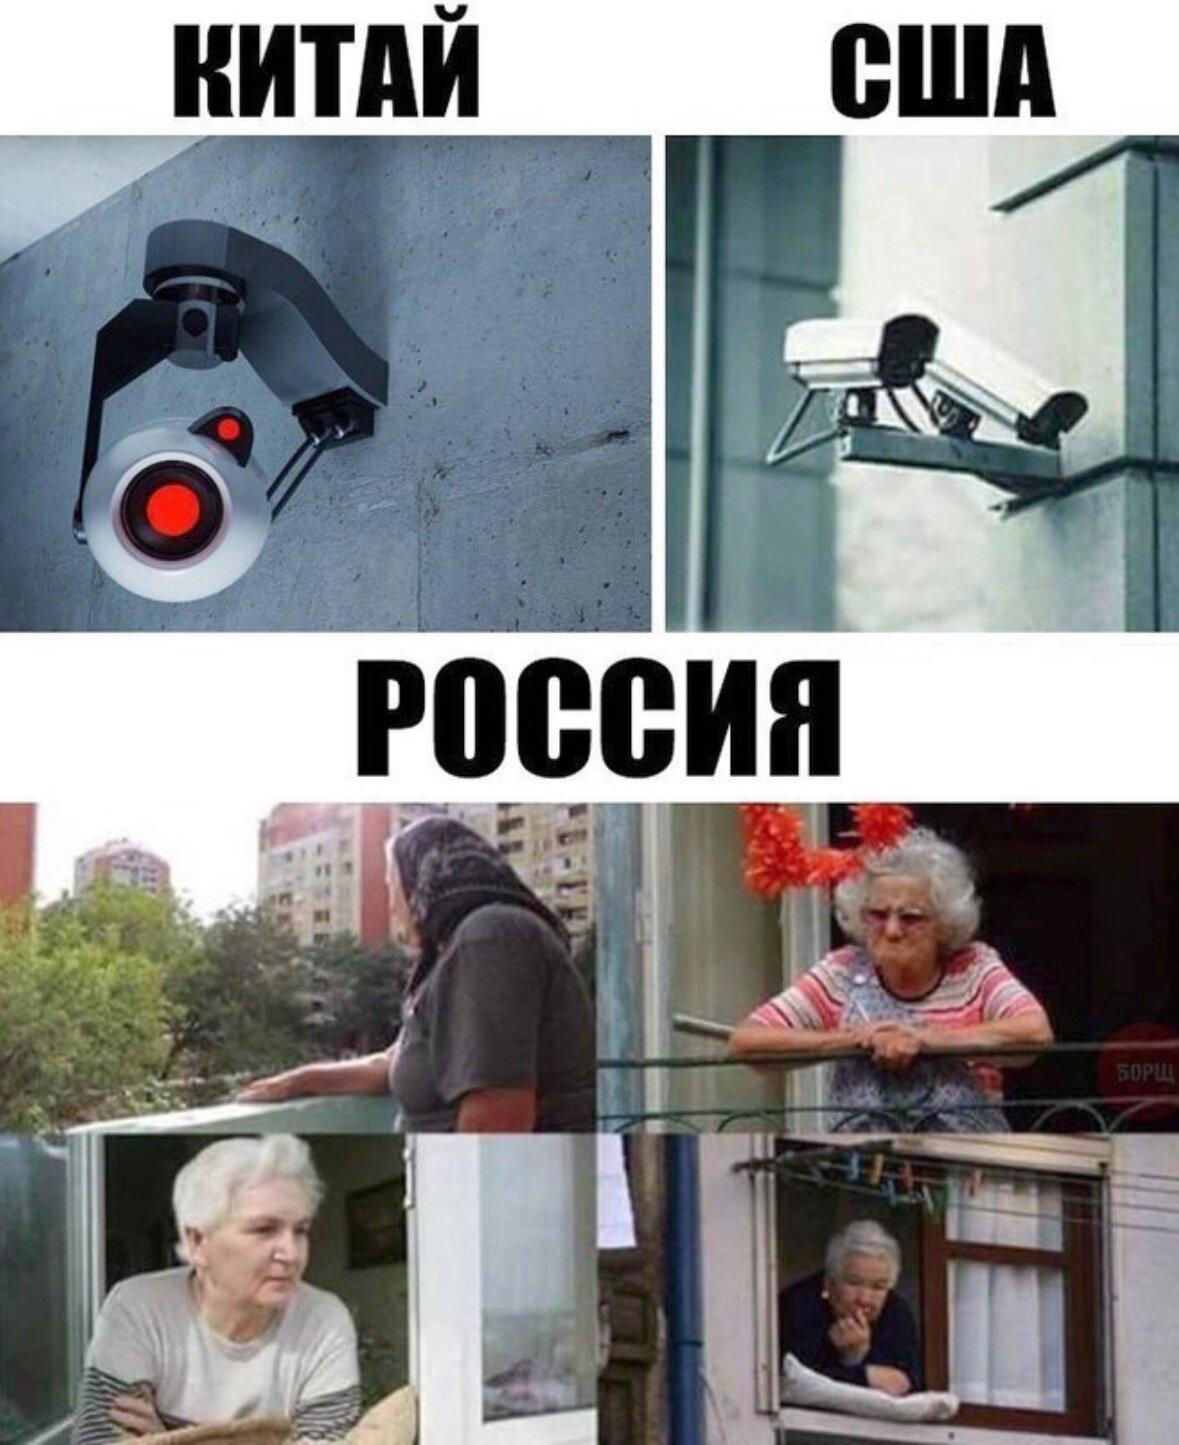 Мемы и картинки с надписями смешные, сердца человека картинках